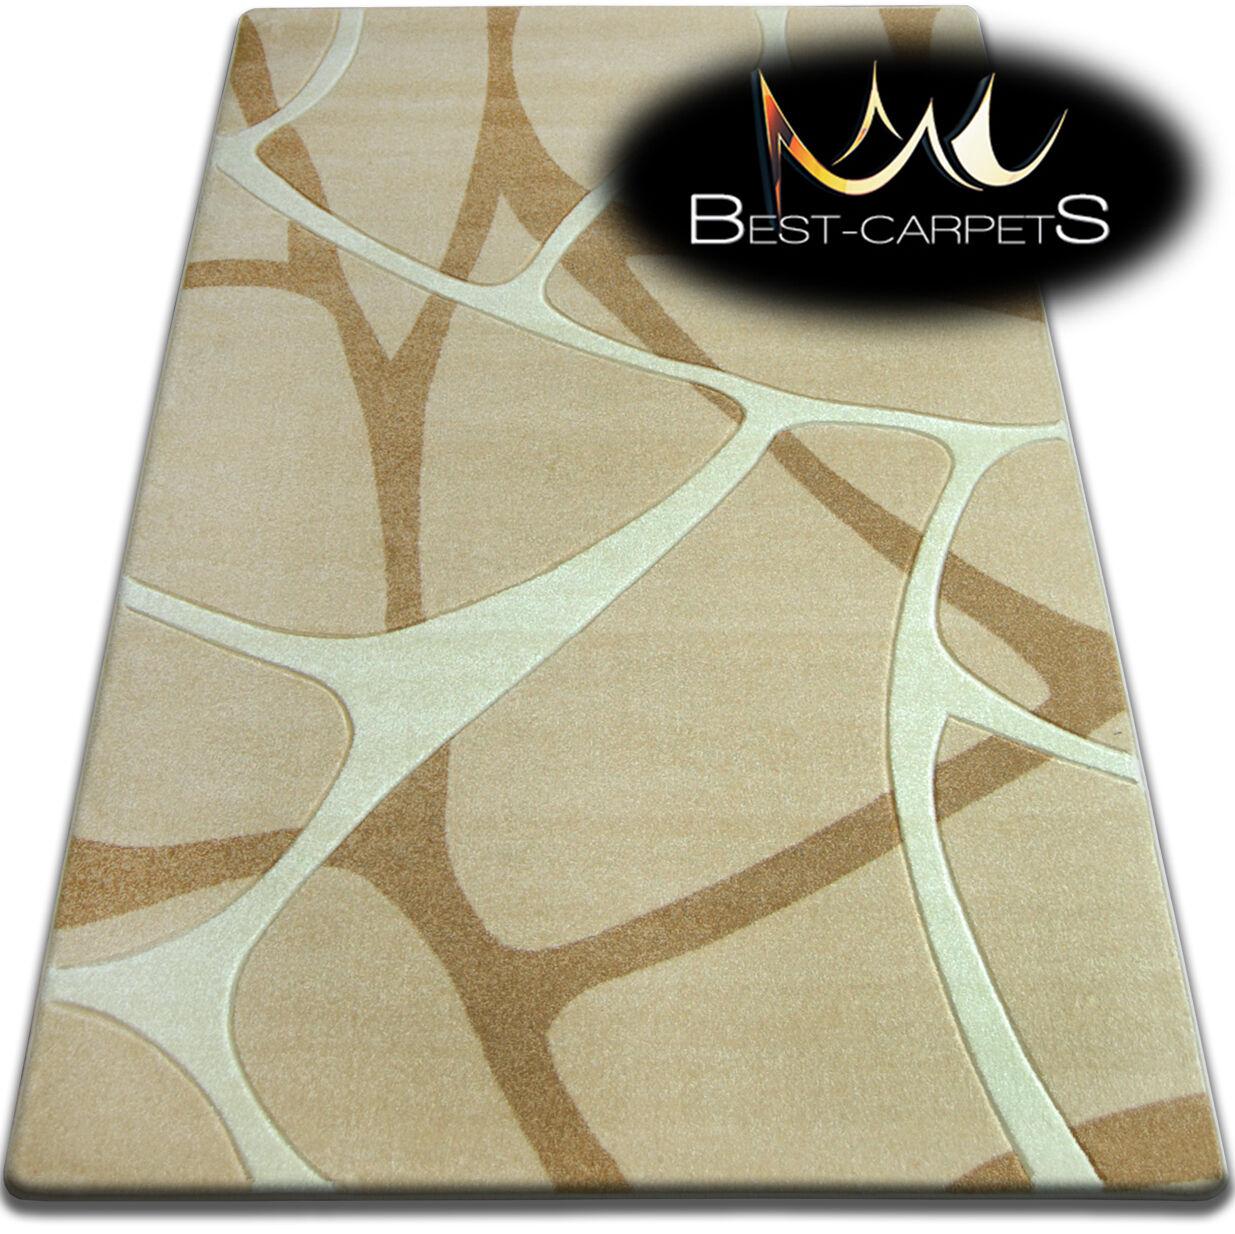 Design très moderne très Design doux tapis focus F241 grande taille s épais qualité sculpté ec99cc